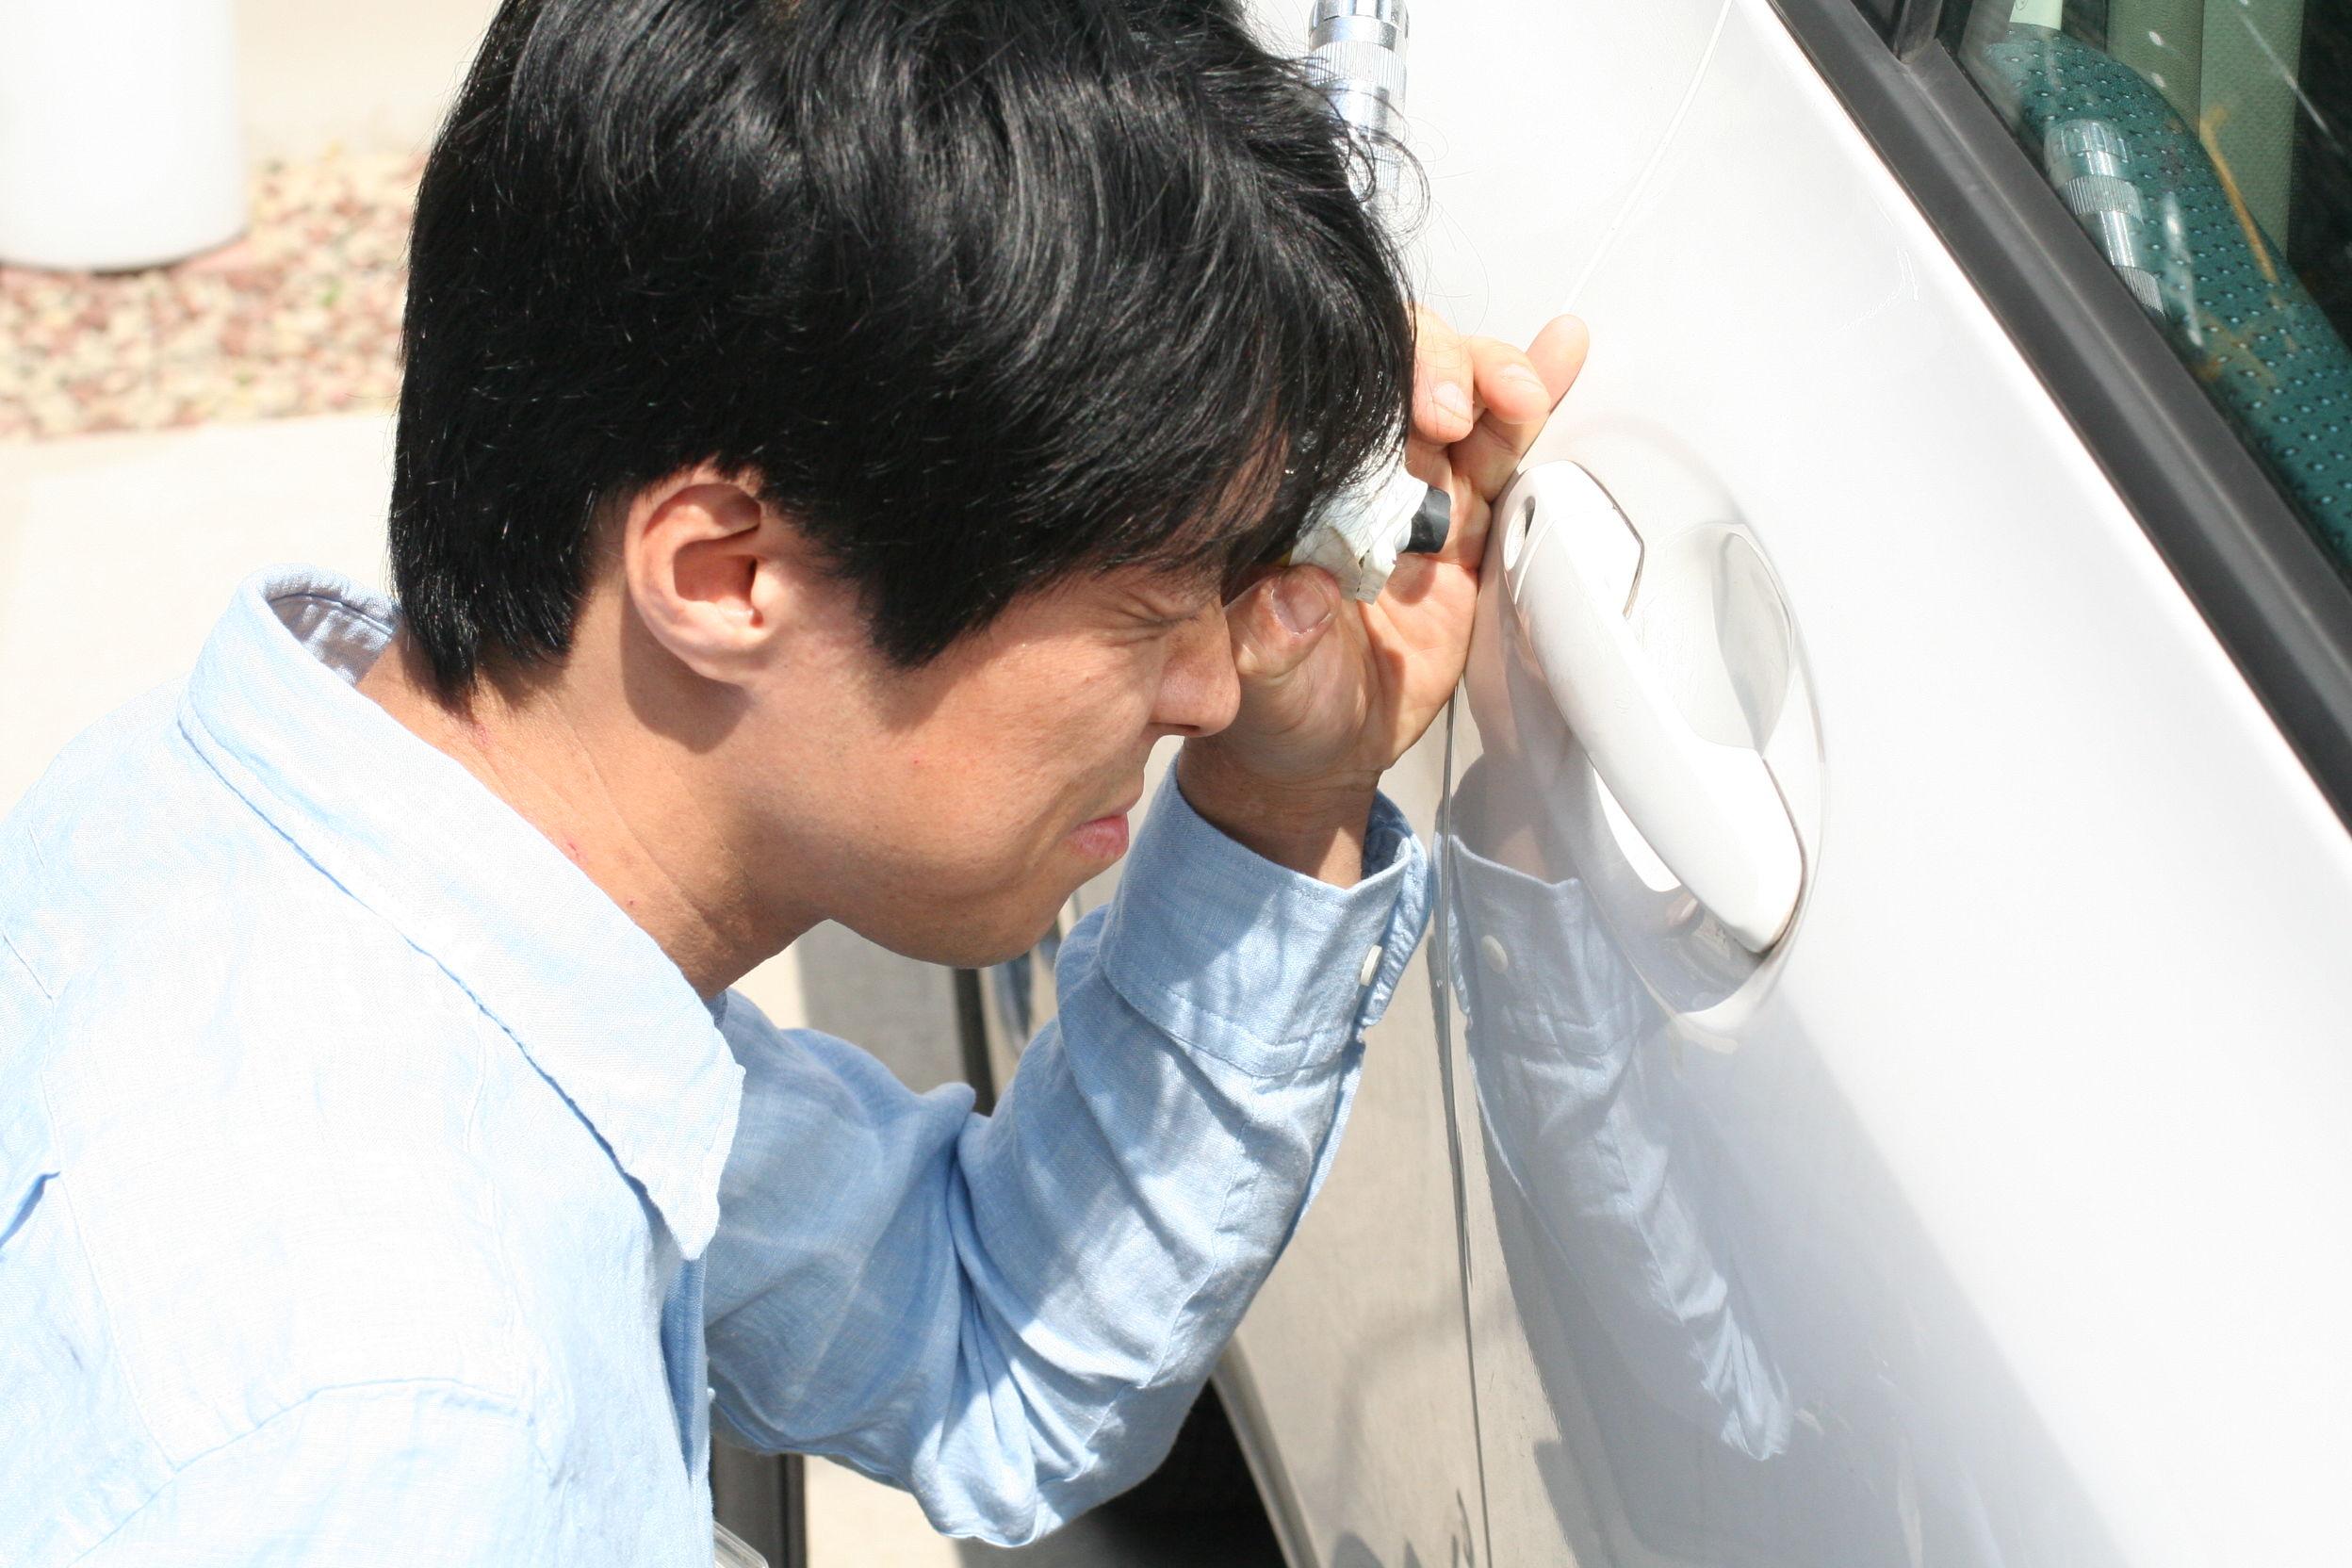 カギのトラブル救Q隊.24【仙台市青葉区 出張エリア】のメイン画像